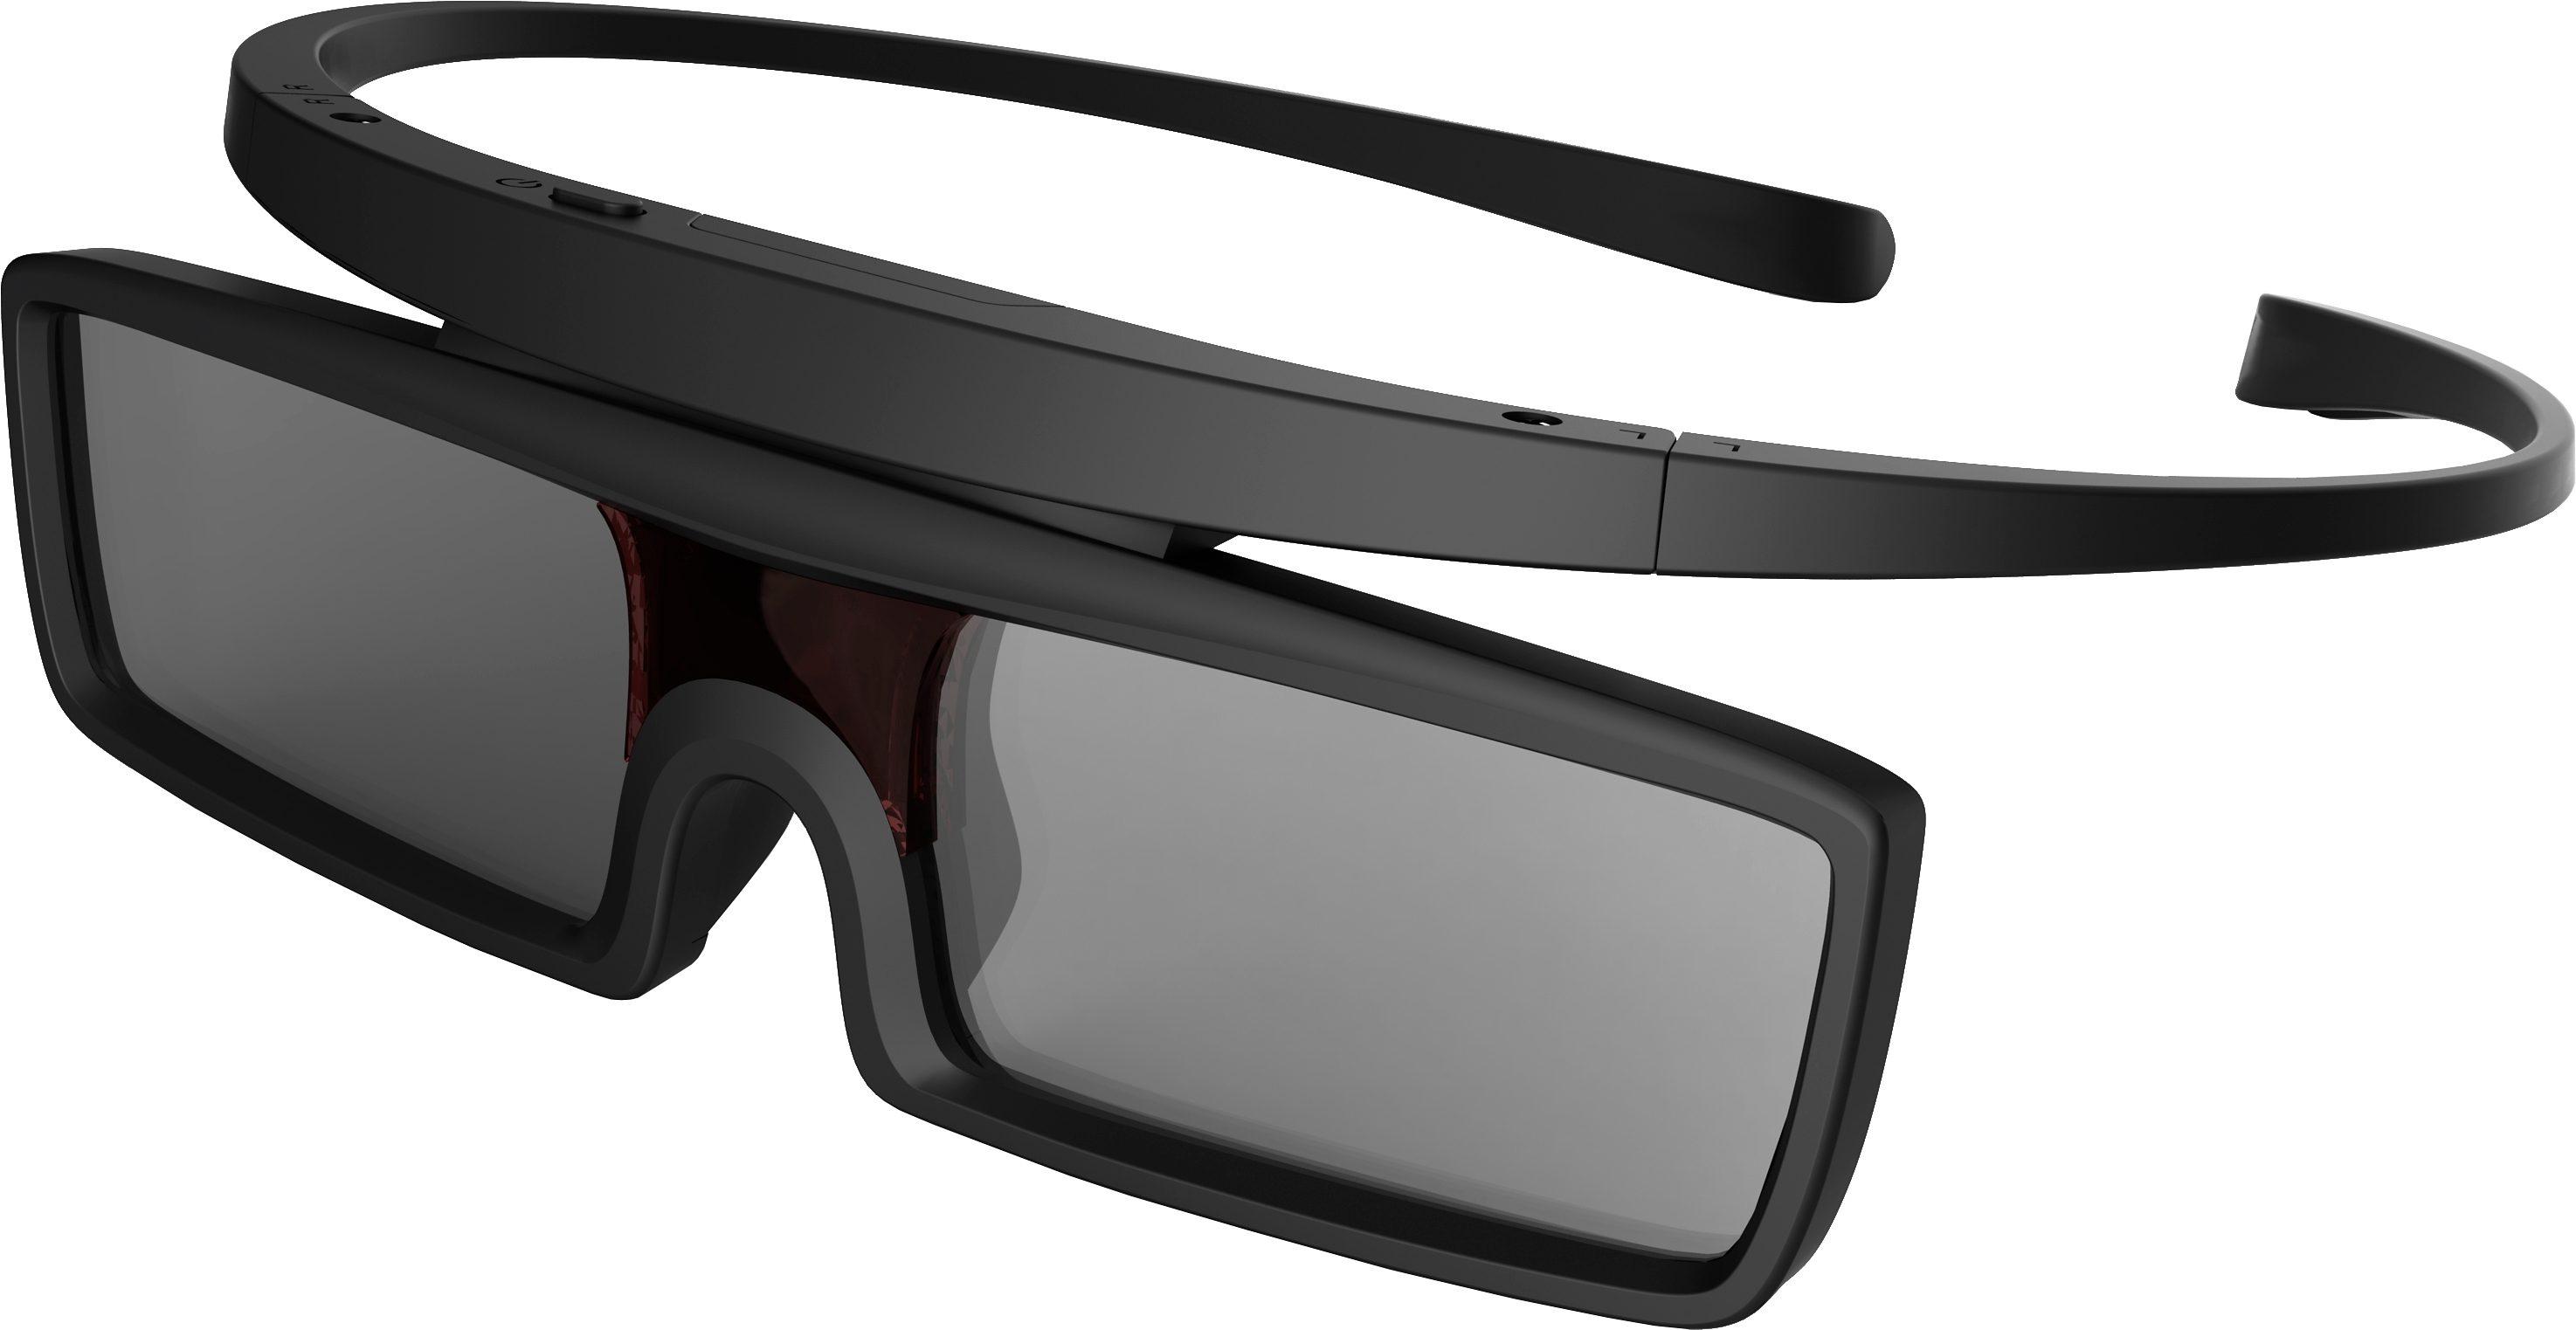 Hisense FPS3D08A 3D-Active-Shutter-Brille